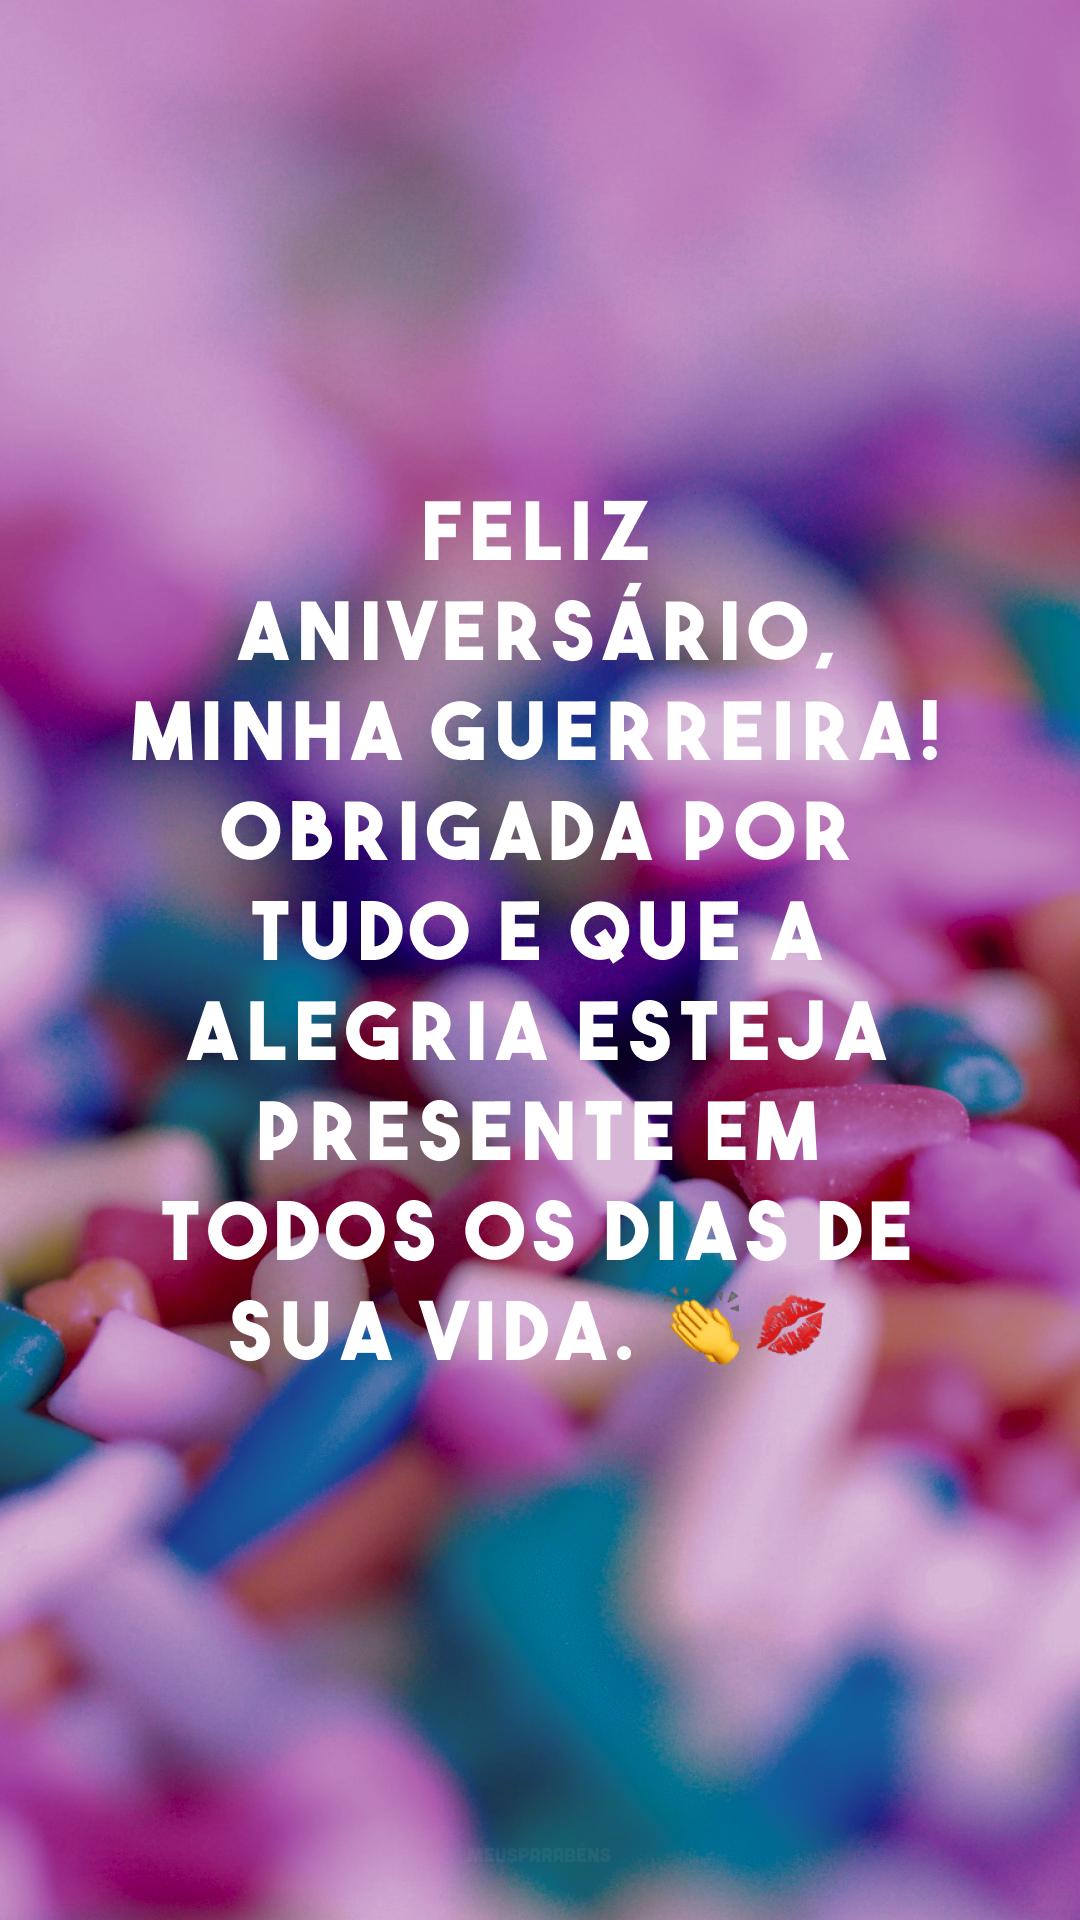 Feliz aniversário, minha guerreira! Obrigada por tudo e que a alegria esteja presente em todos os dias de sua vida. ??